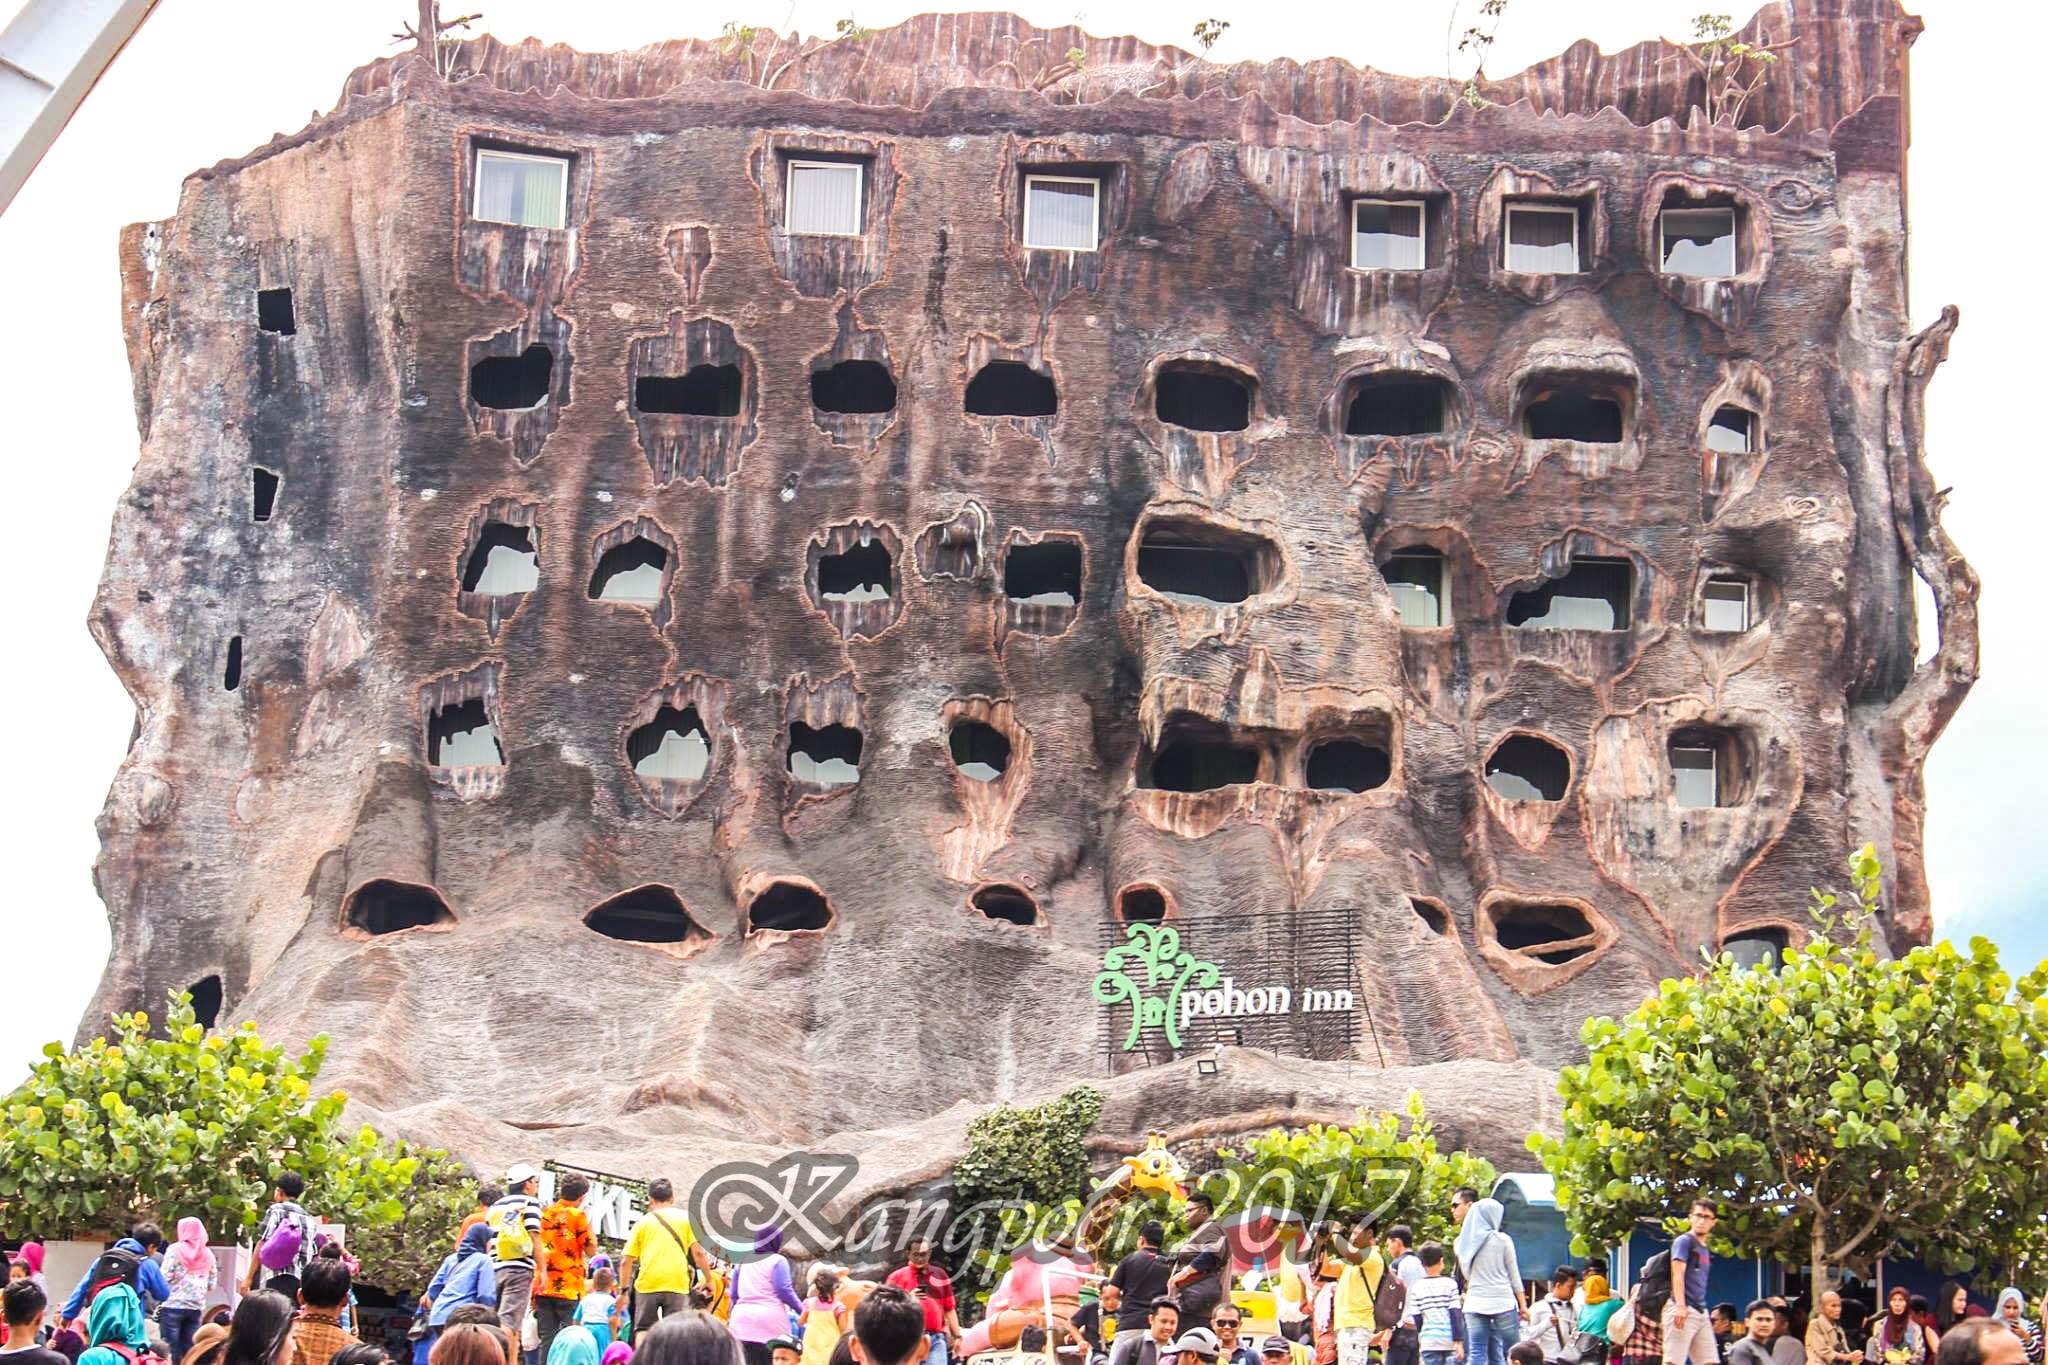 Batu Secret Zoo In Jatimpark 2 Kota Batu Malang Kangpoer